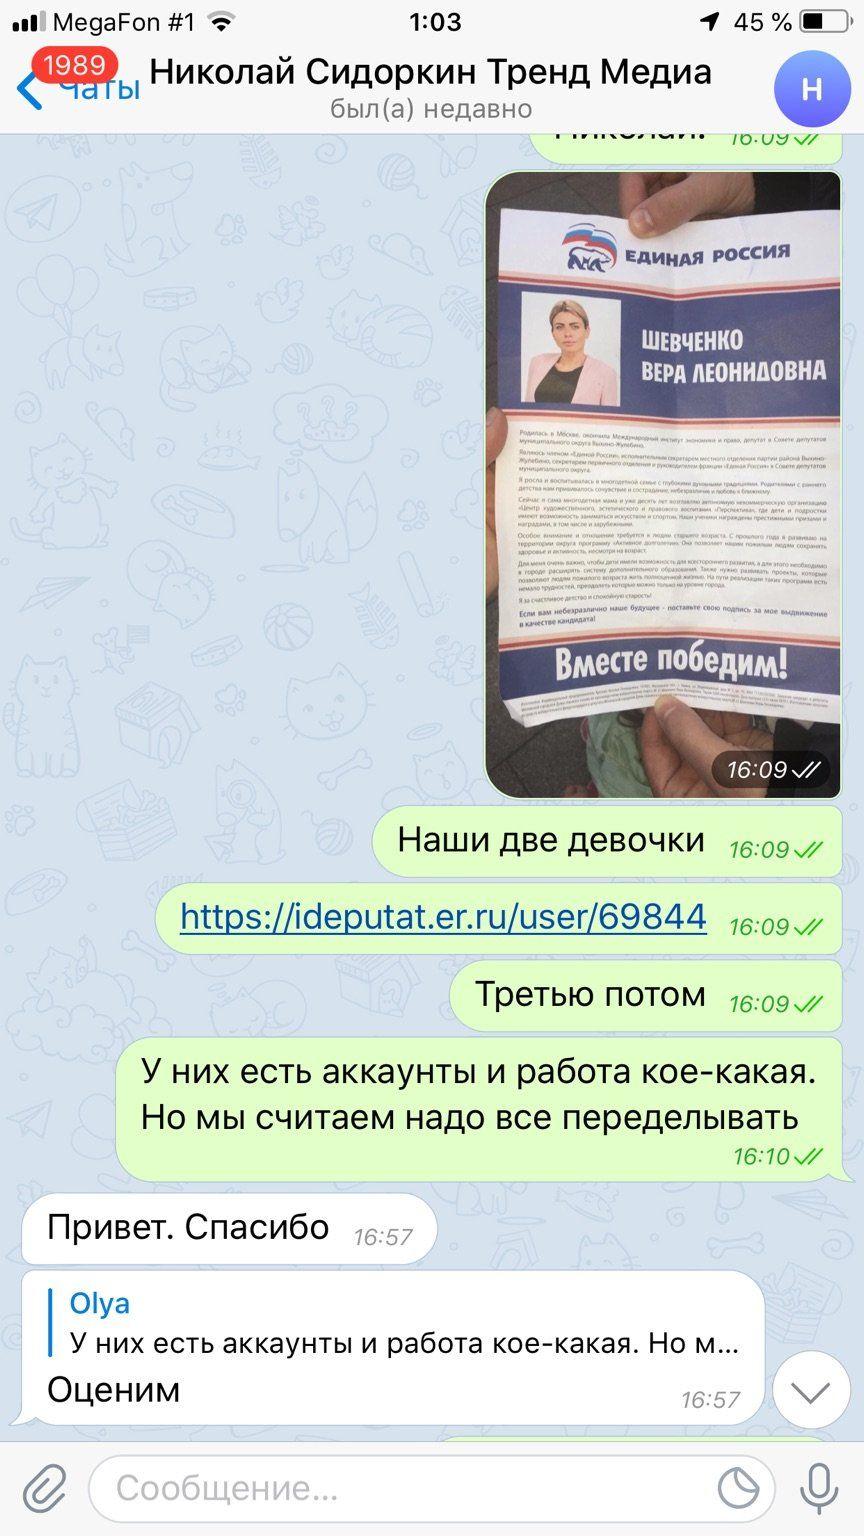 Переписка Сидоркина с корреспондентом о возможных условиях работы по созданию платных комментариев.